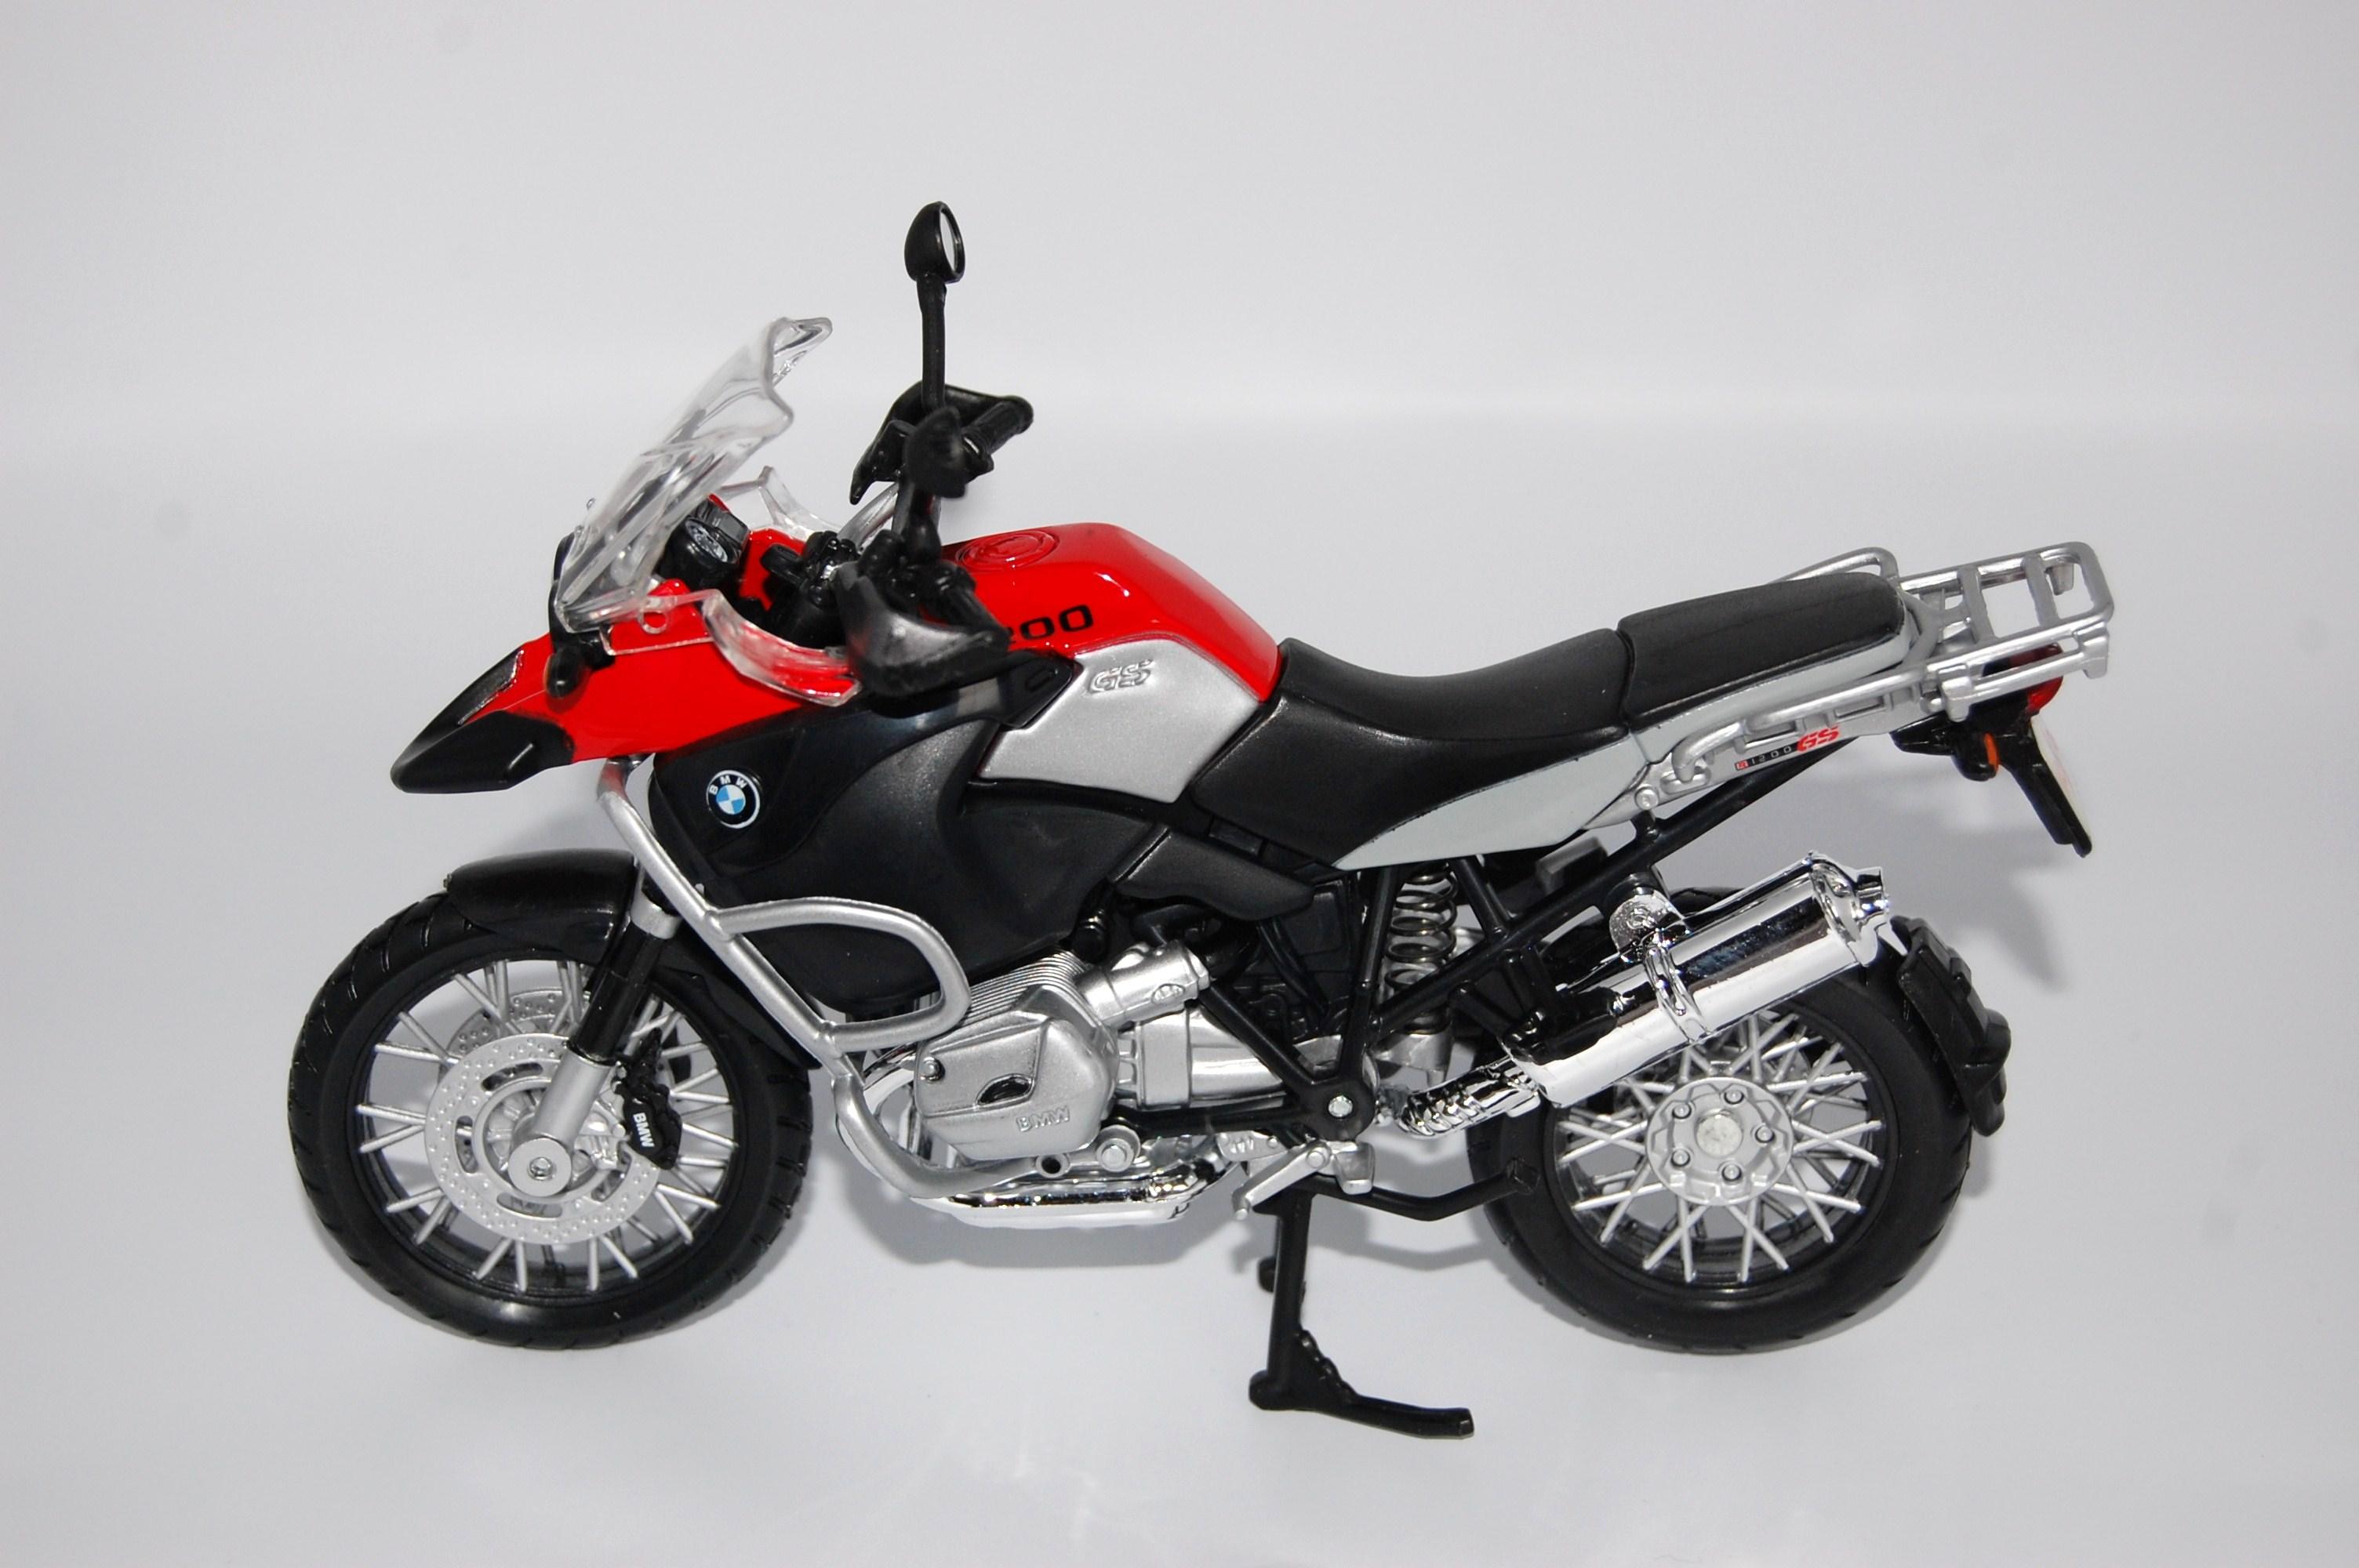 motorradaufkleber bikedekore wheelskinzz bmw r1200gs. Black Bedroom Furniture Sets. Home Design Ideas